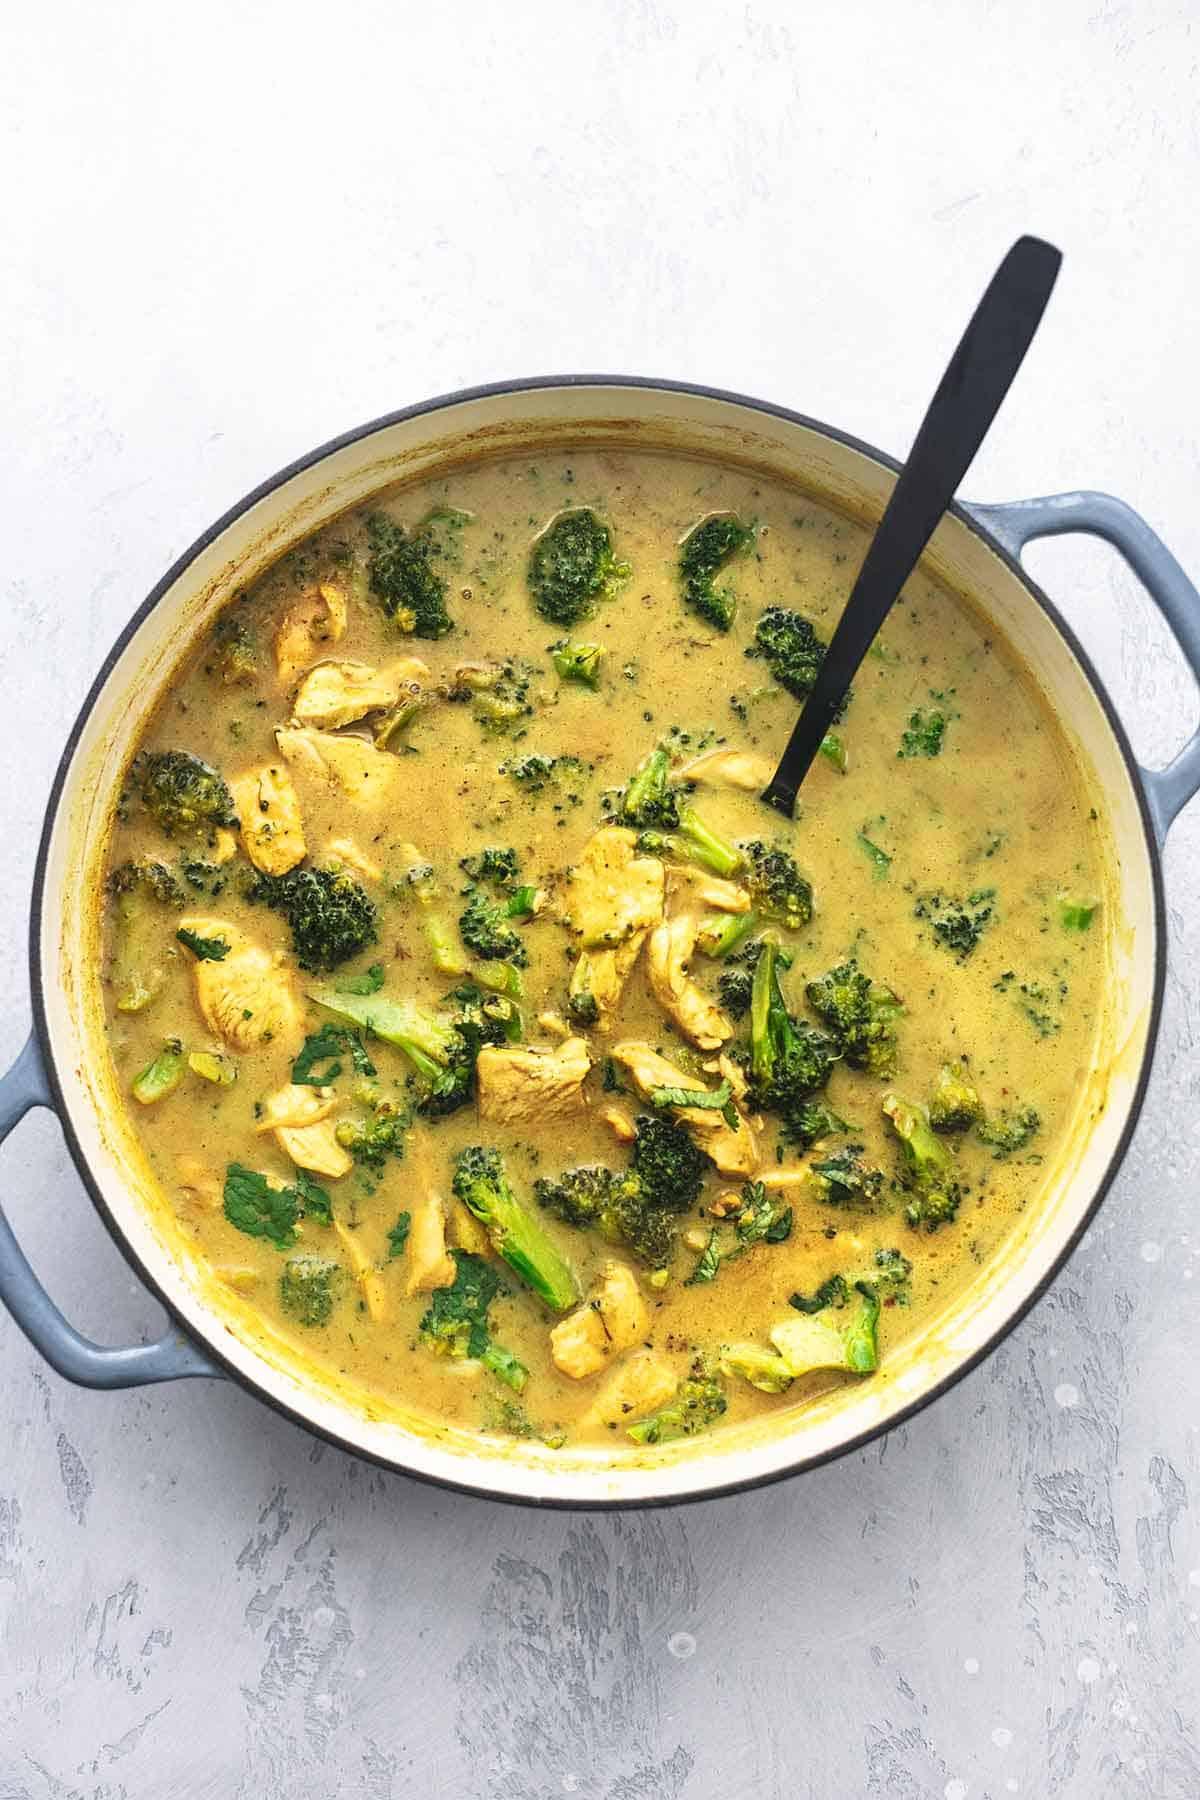 Huhn und Curry mit Brokkoli in einem Topf mit einem Löffel